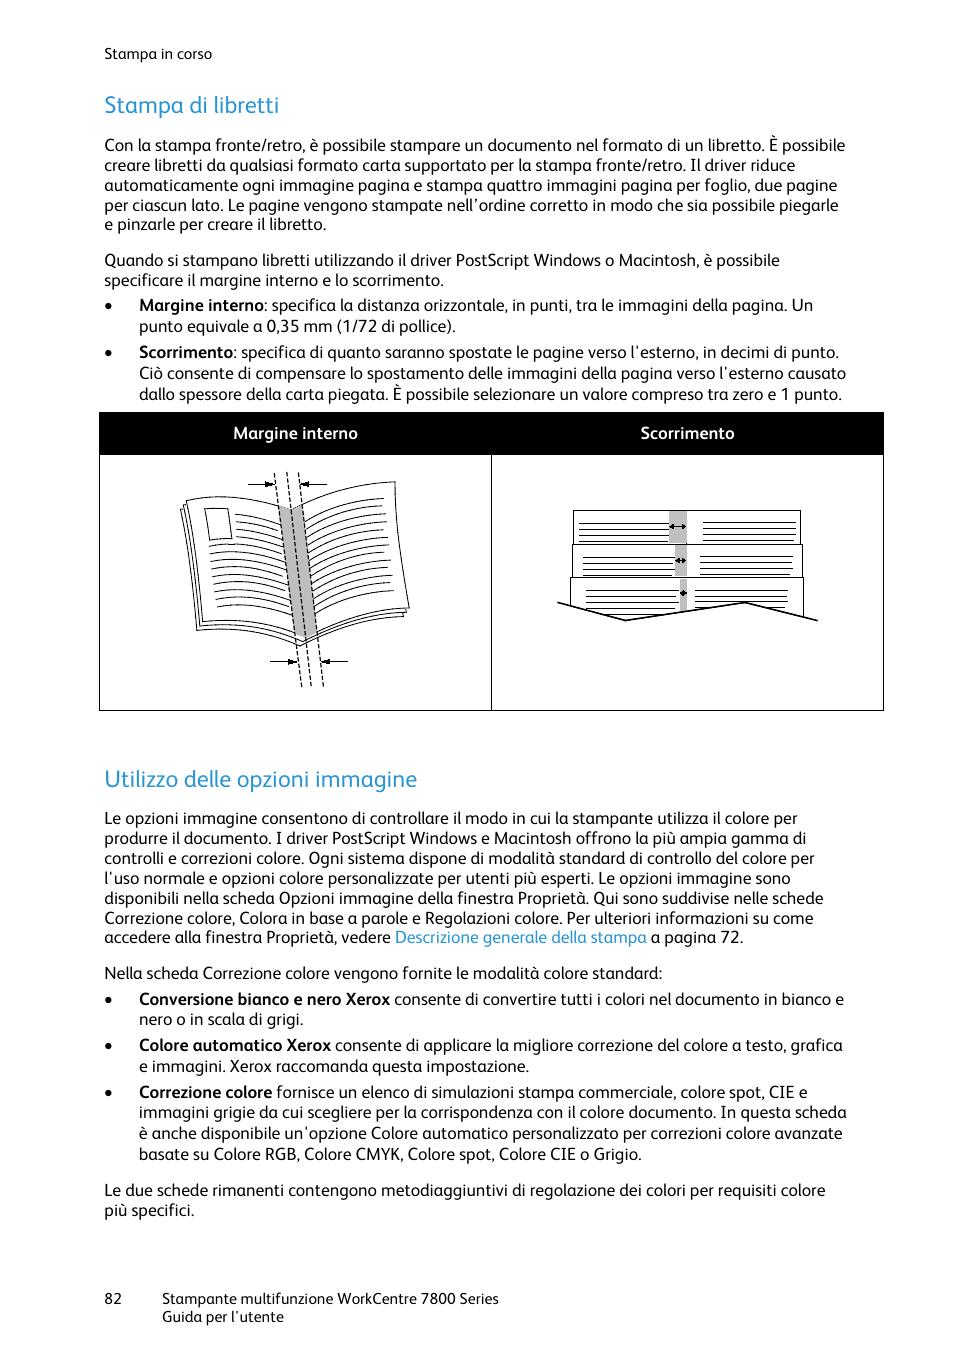 Stampa di libretti, Utilizzo delle opzioni immagine | Xerox